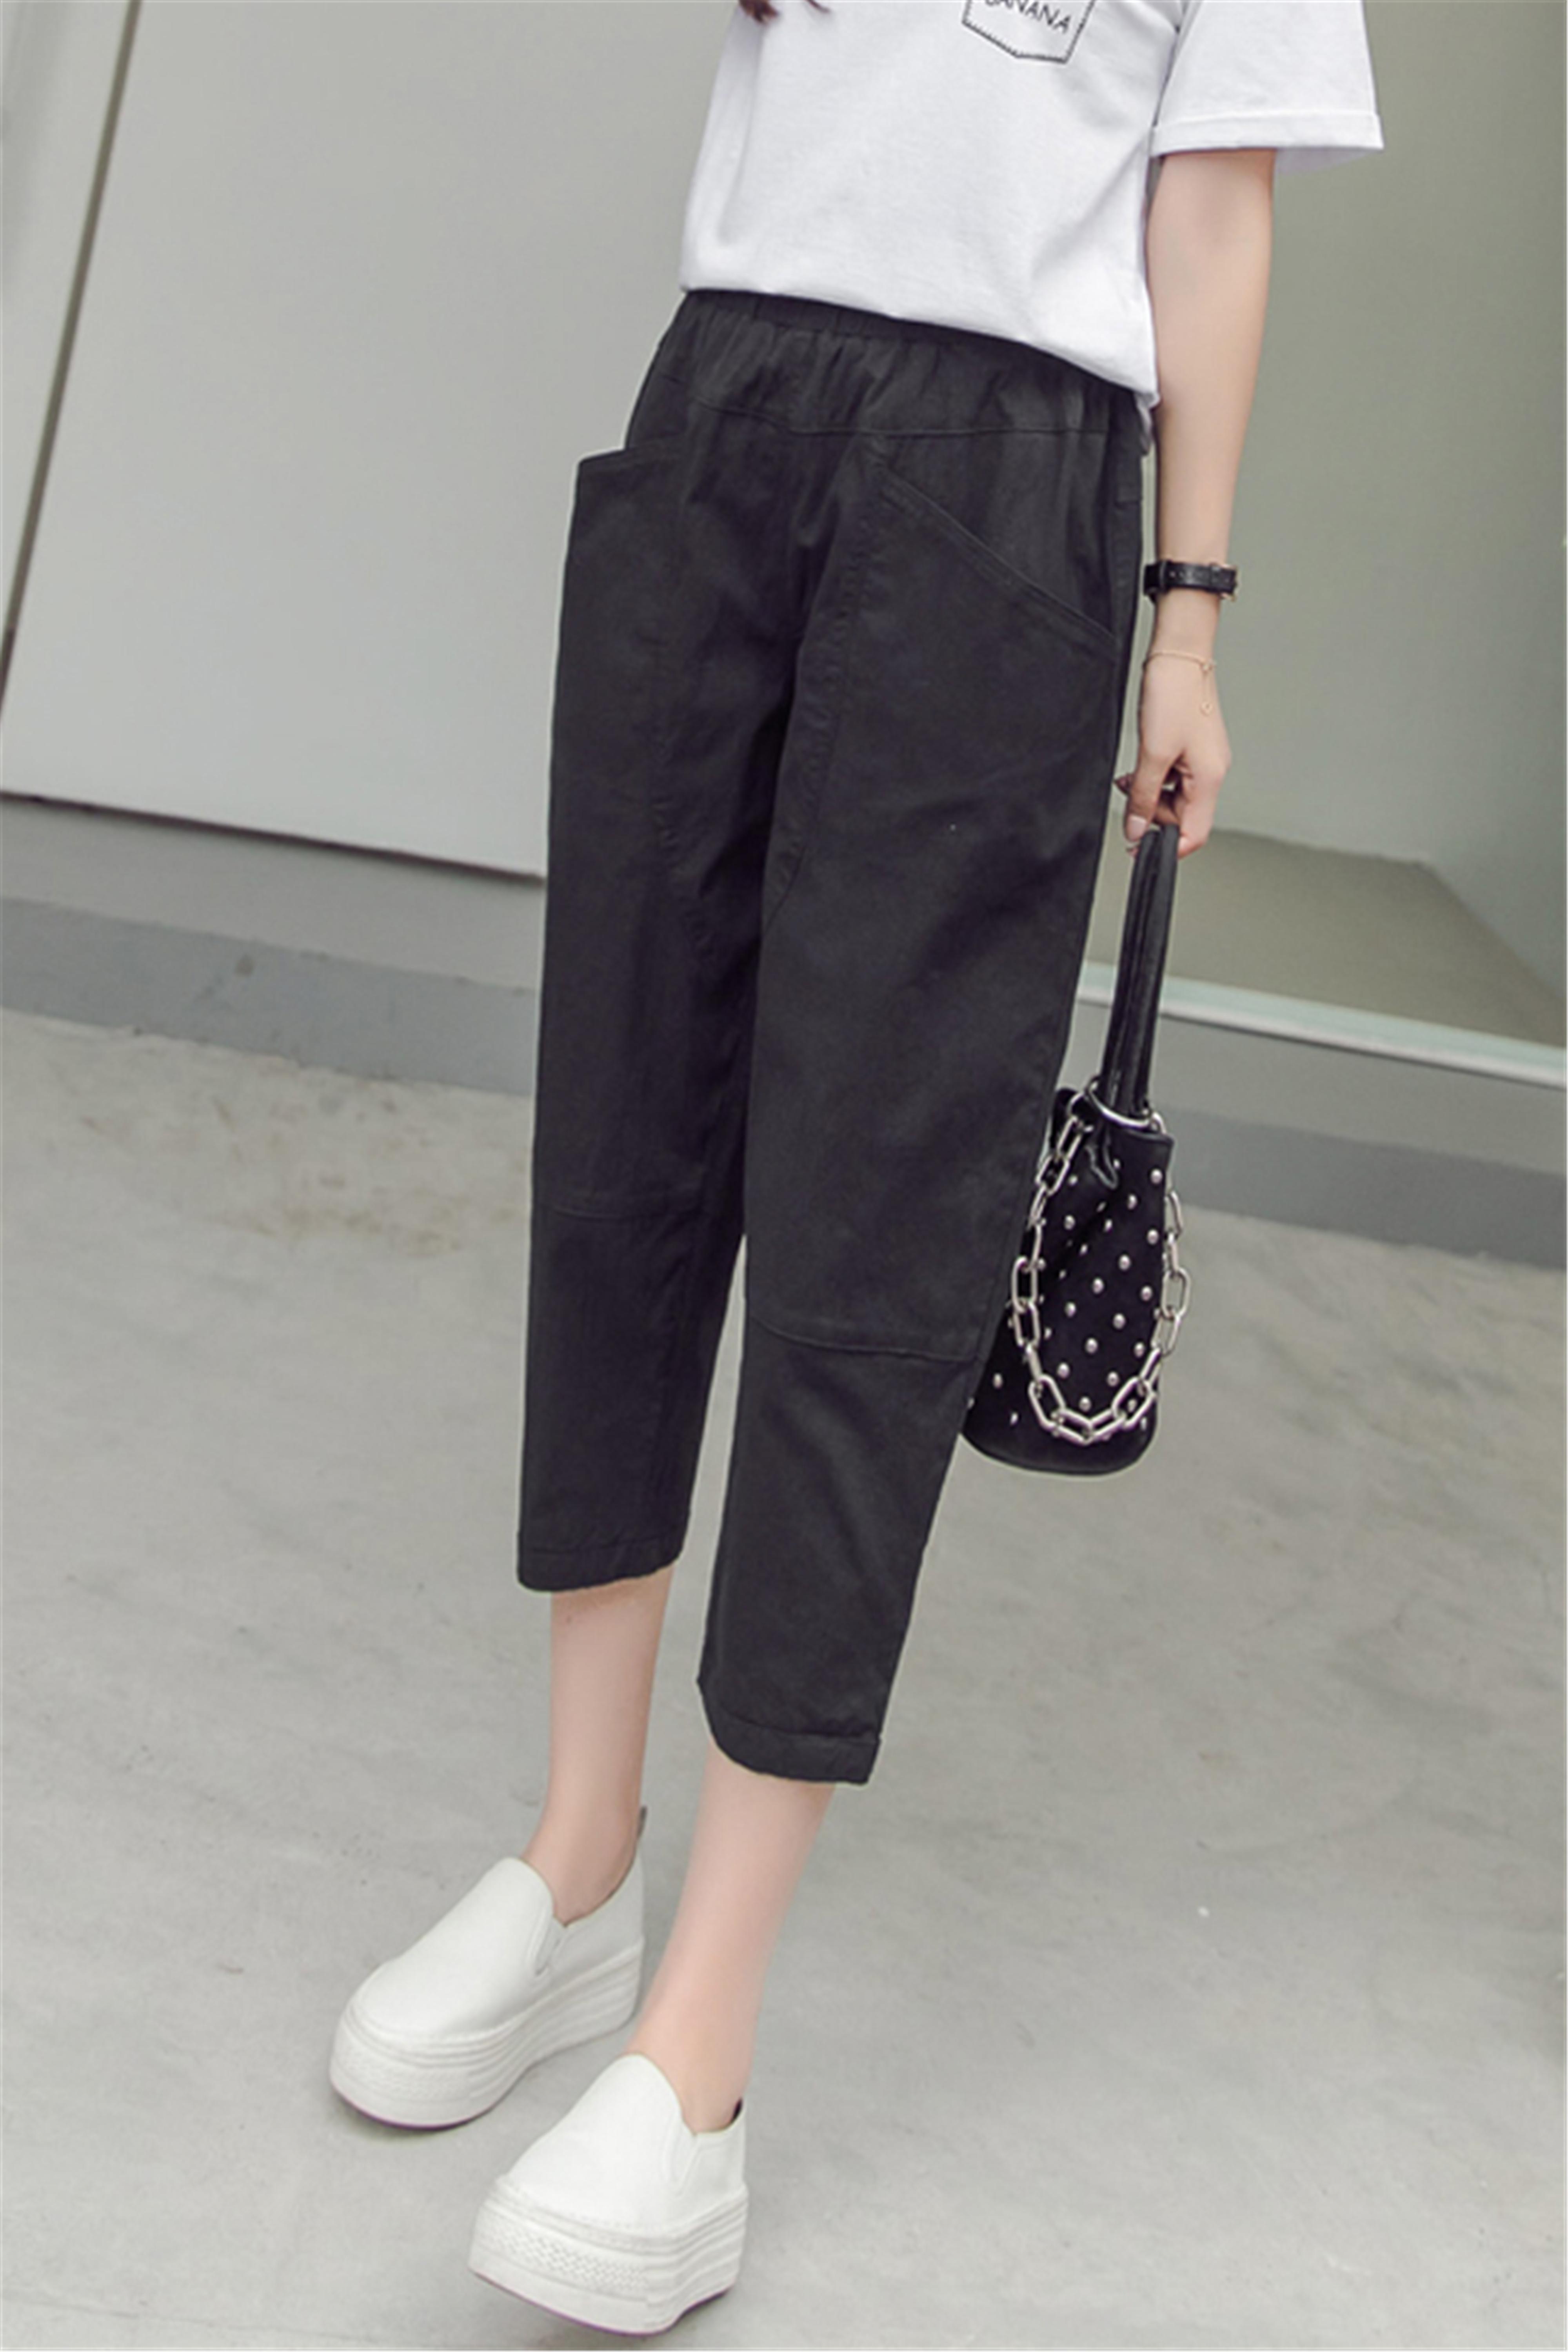 夏季新款时尚学生百搭宽松薄款哈伦休闲裤女韩版学生bf高腰裤子